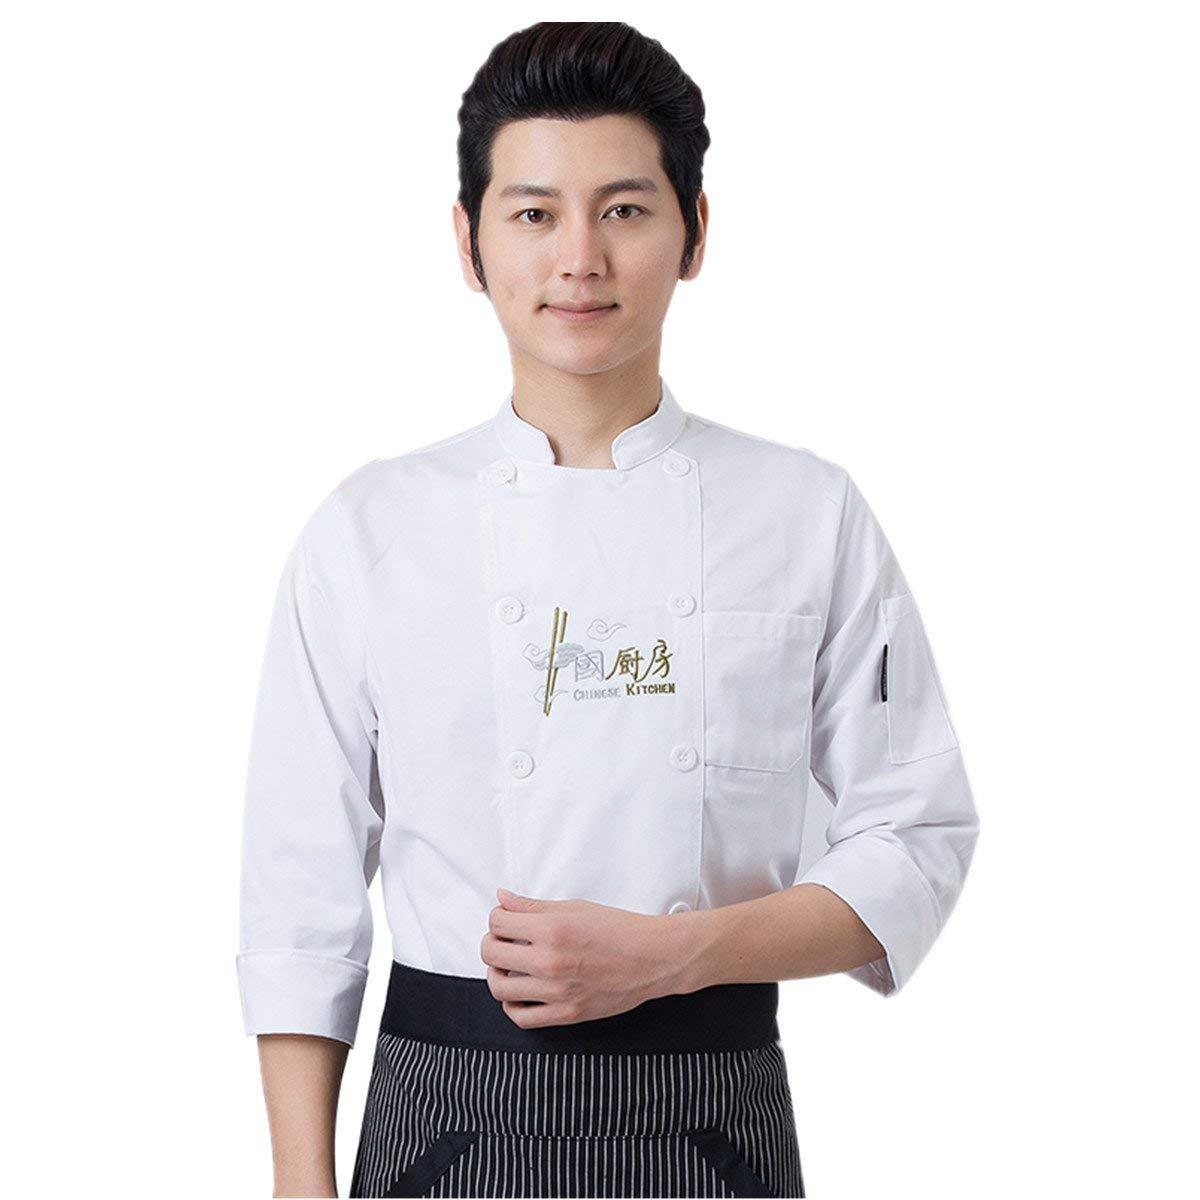 Unisex Sushi Chef Coat Sleeve Kinomo Japanese Restaurant Uniform Jacket Ties Up Big Clearance Sale Uniforms & Work Clothing Other Uniforms & Work Clothing